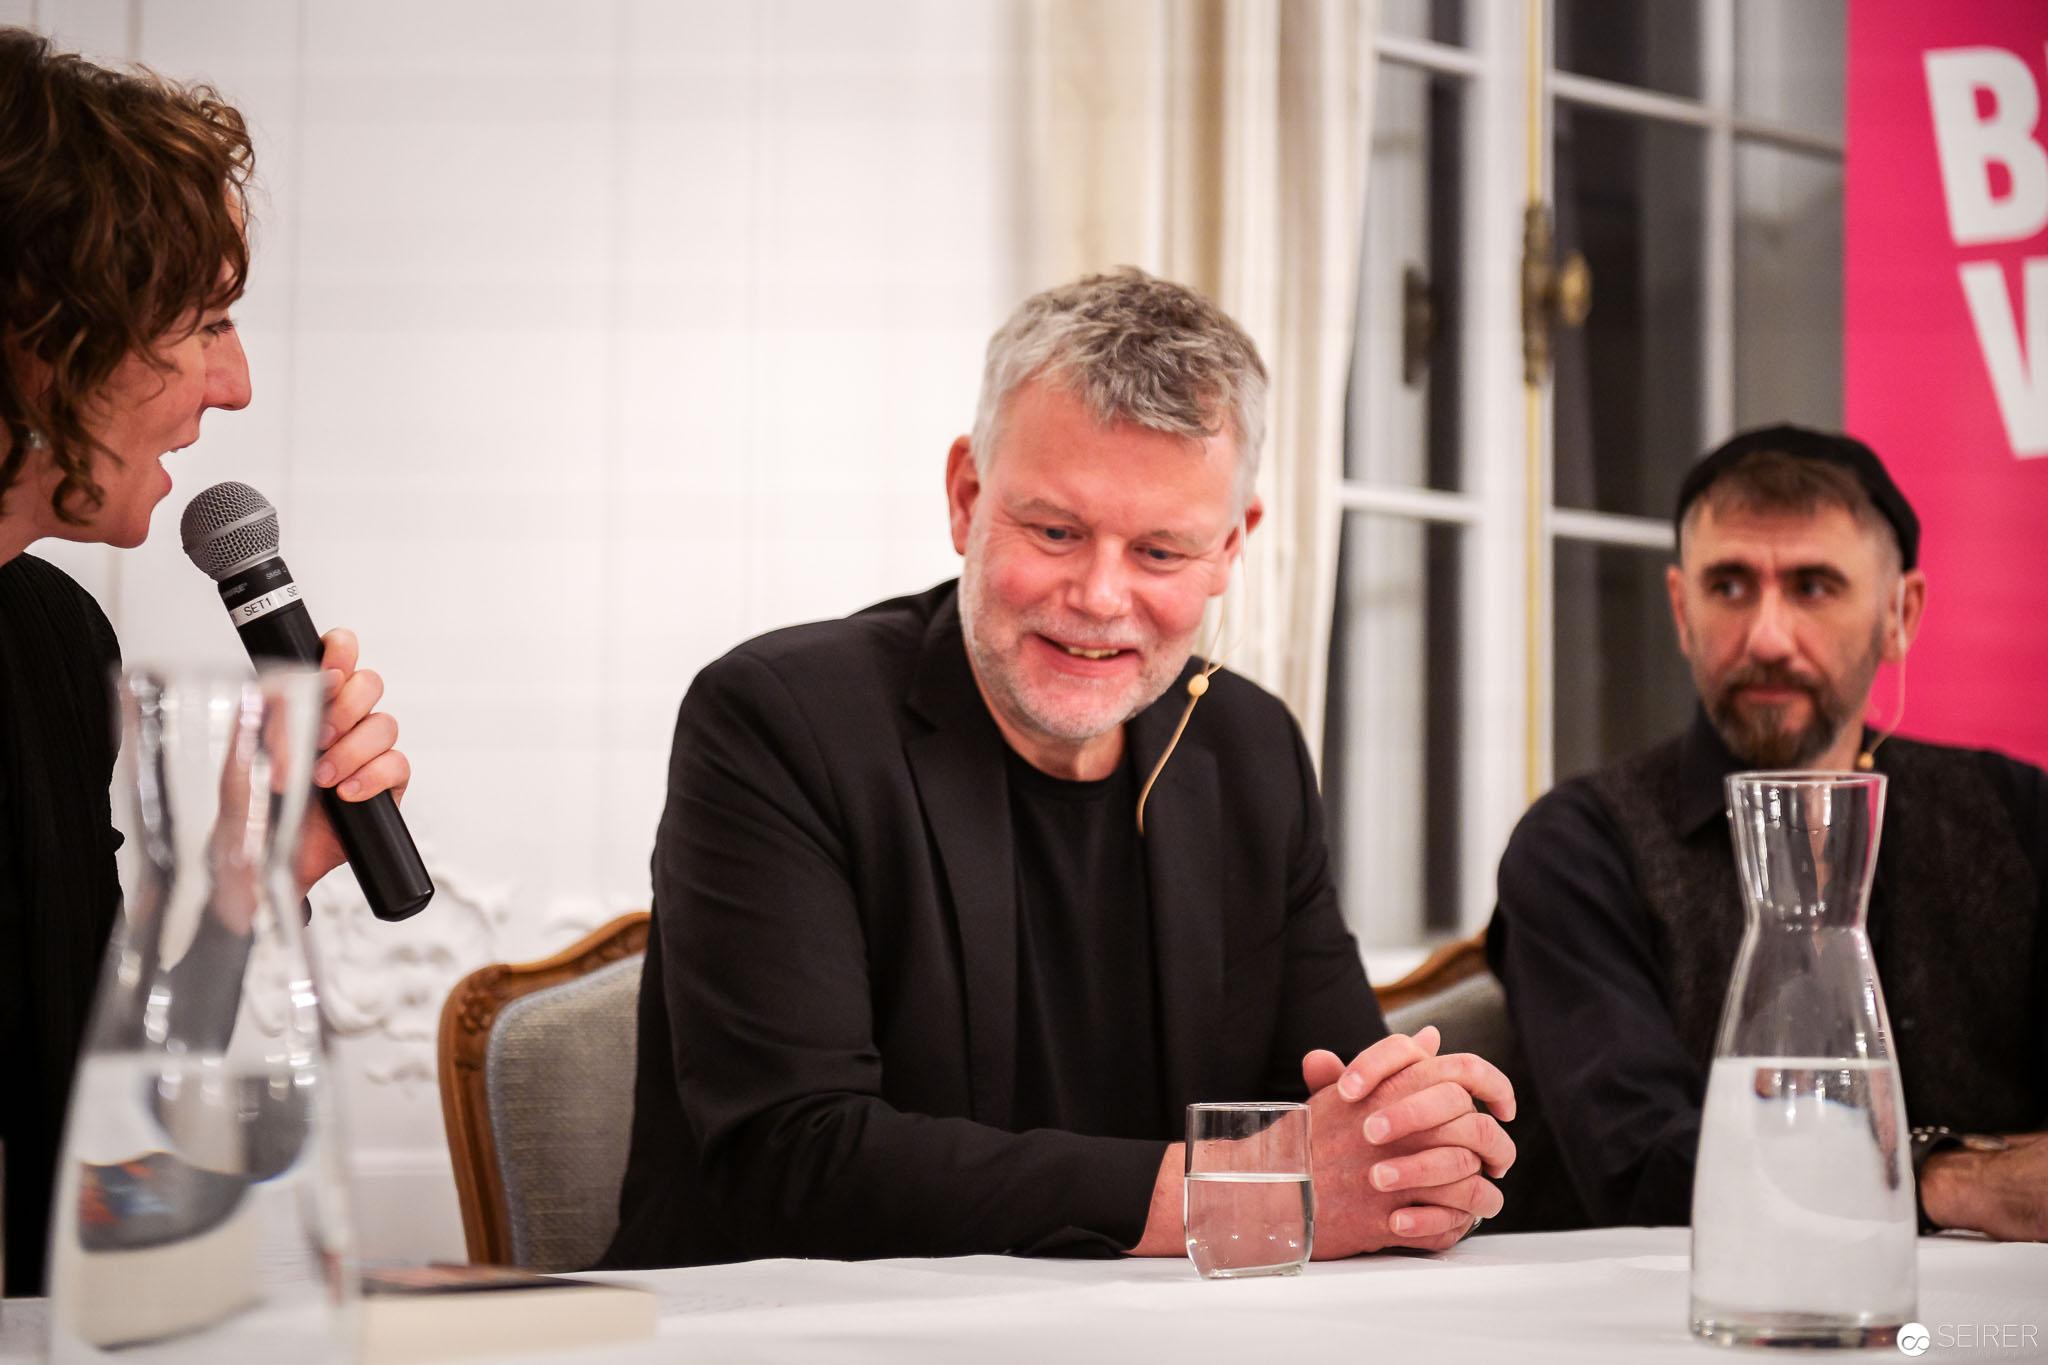 Arne Dahl im Interview im Rahmen der BUCH WIEN 2018